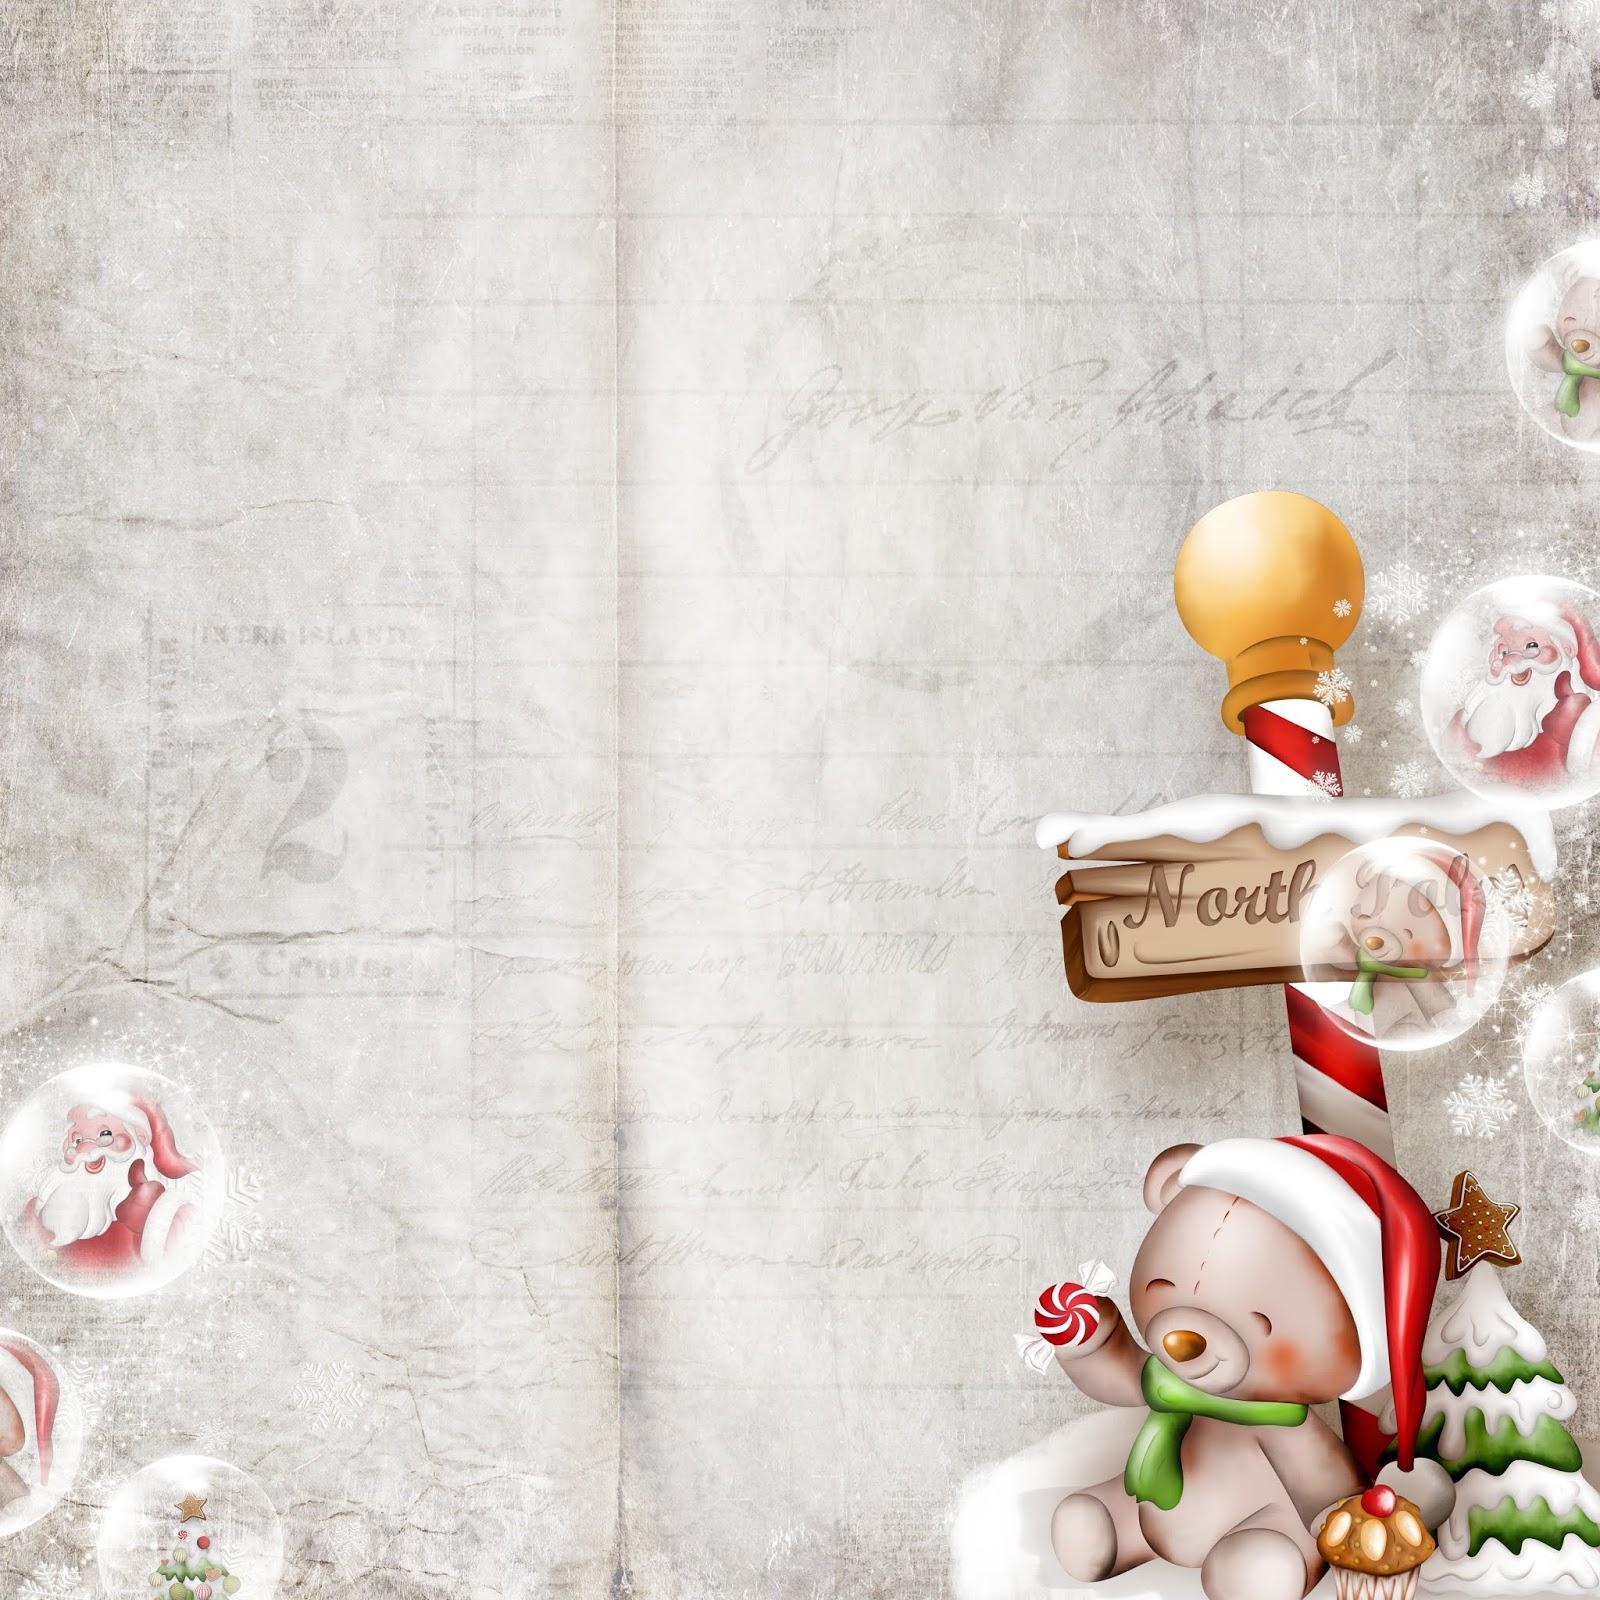 Картинки надписями, винтажная новогодняя открытка в фотошопе